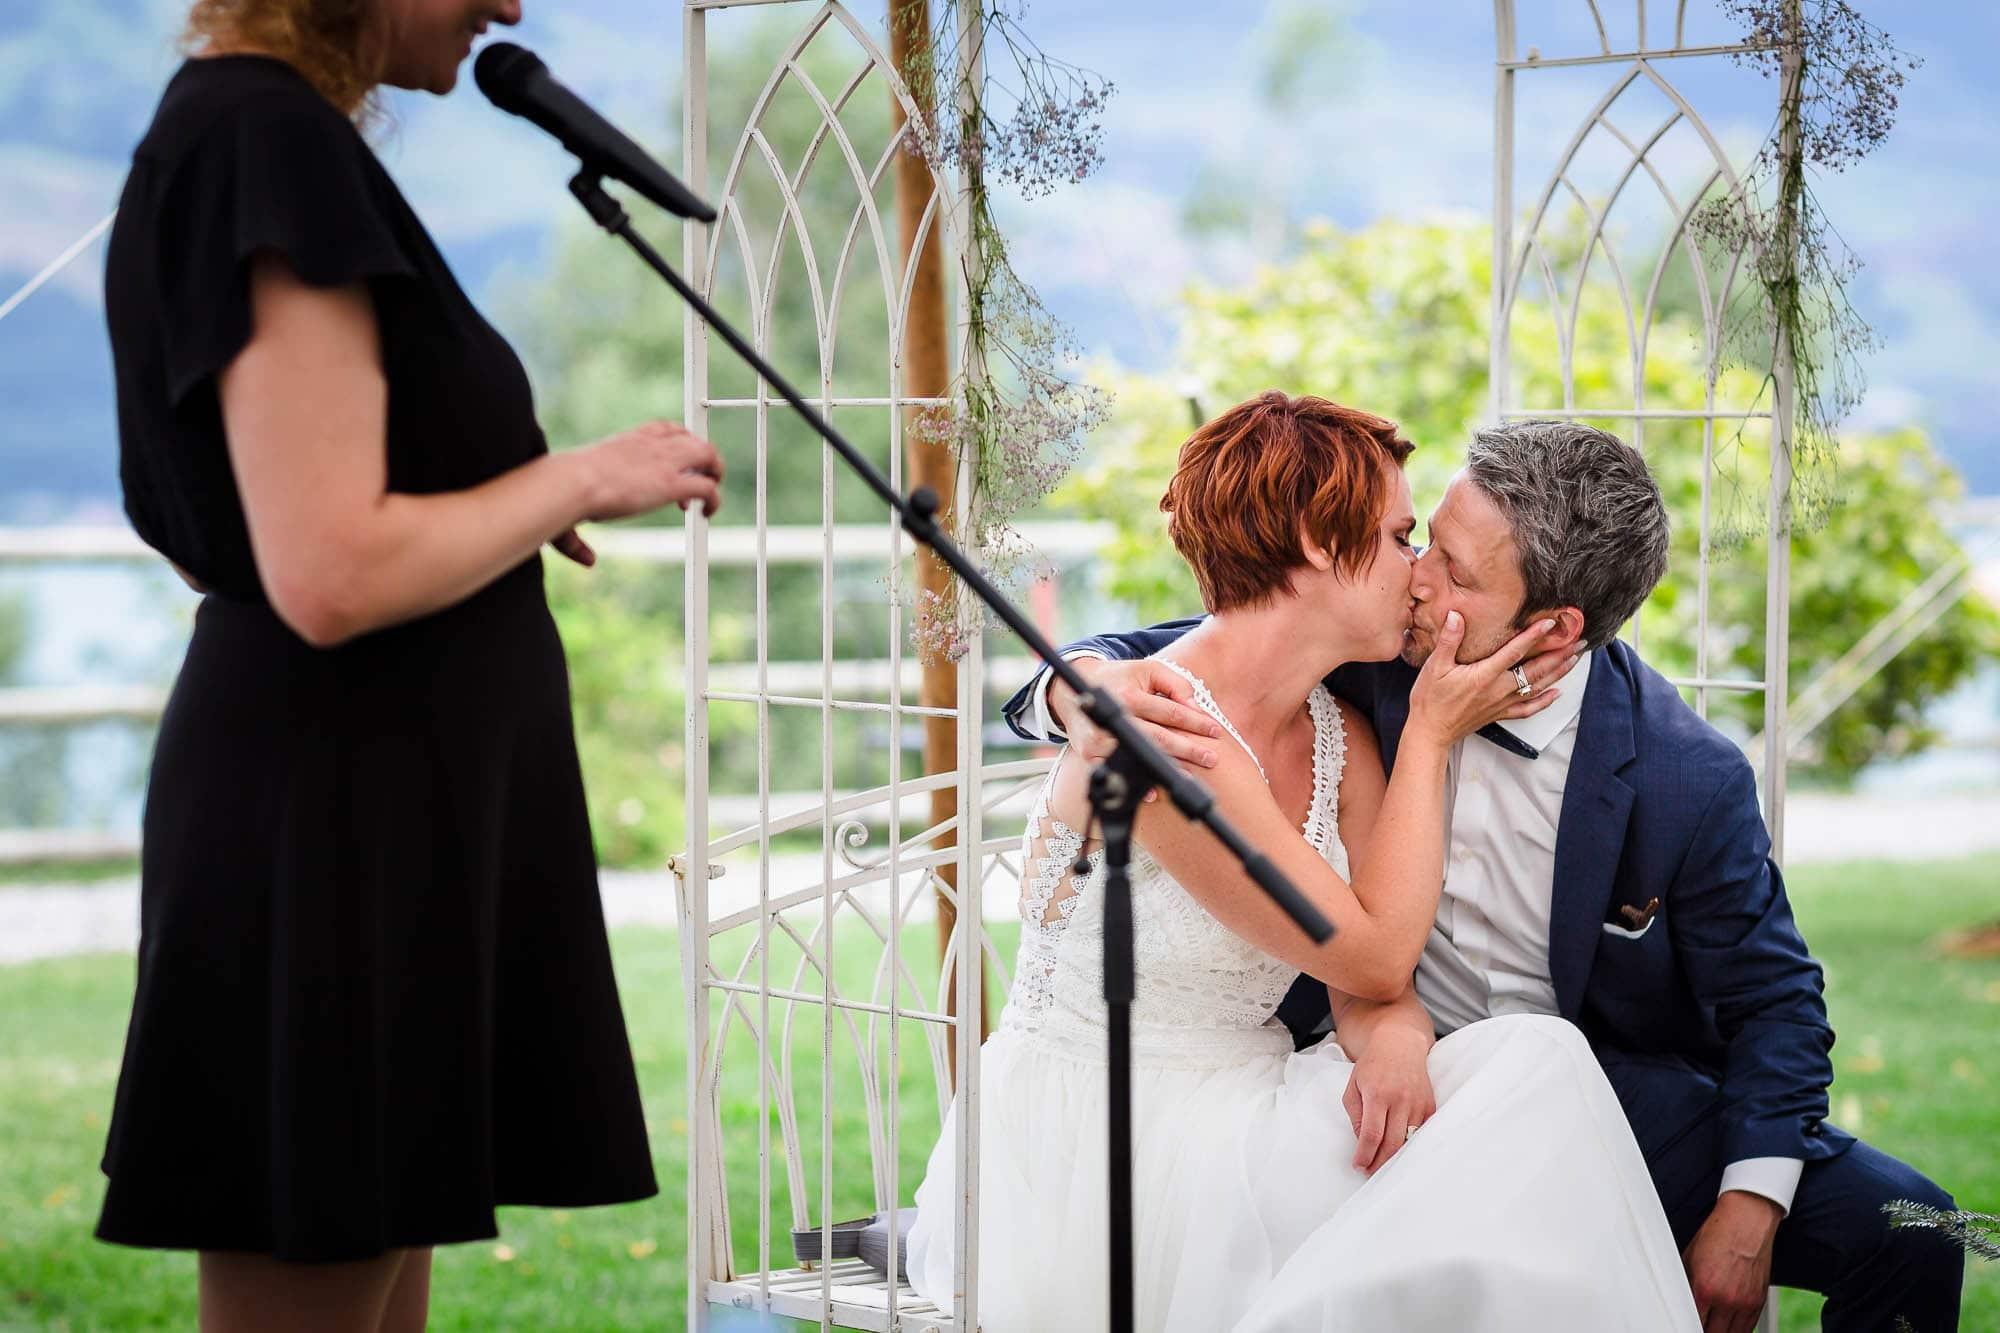 Brautpaar küsst sich nach dem Ja-Wort